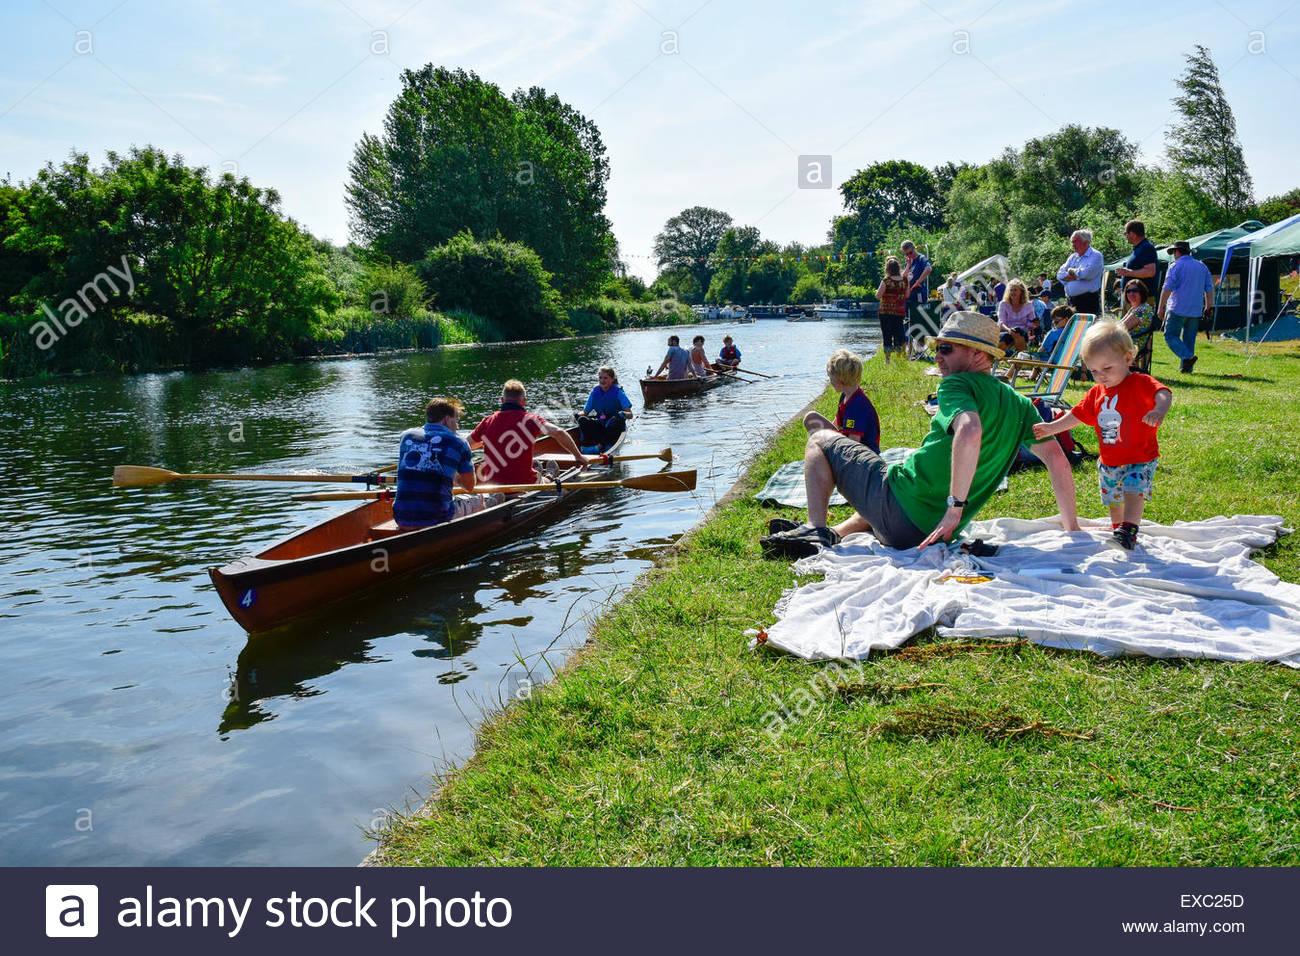 Hemingford gris, en Huntingdon, Cambridgeshire, Reino Unido. 11 de julio de 2015. Regata Hemingfords'. Los competidores Imagen De Stock